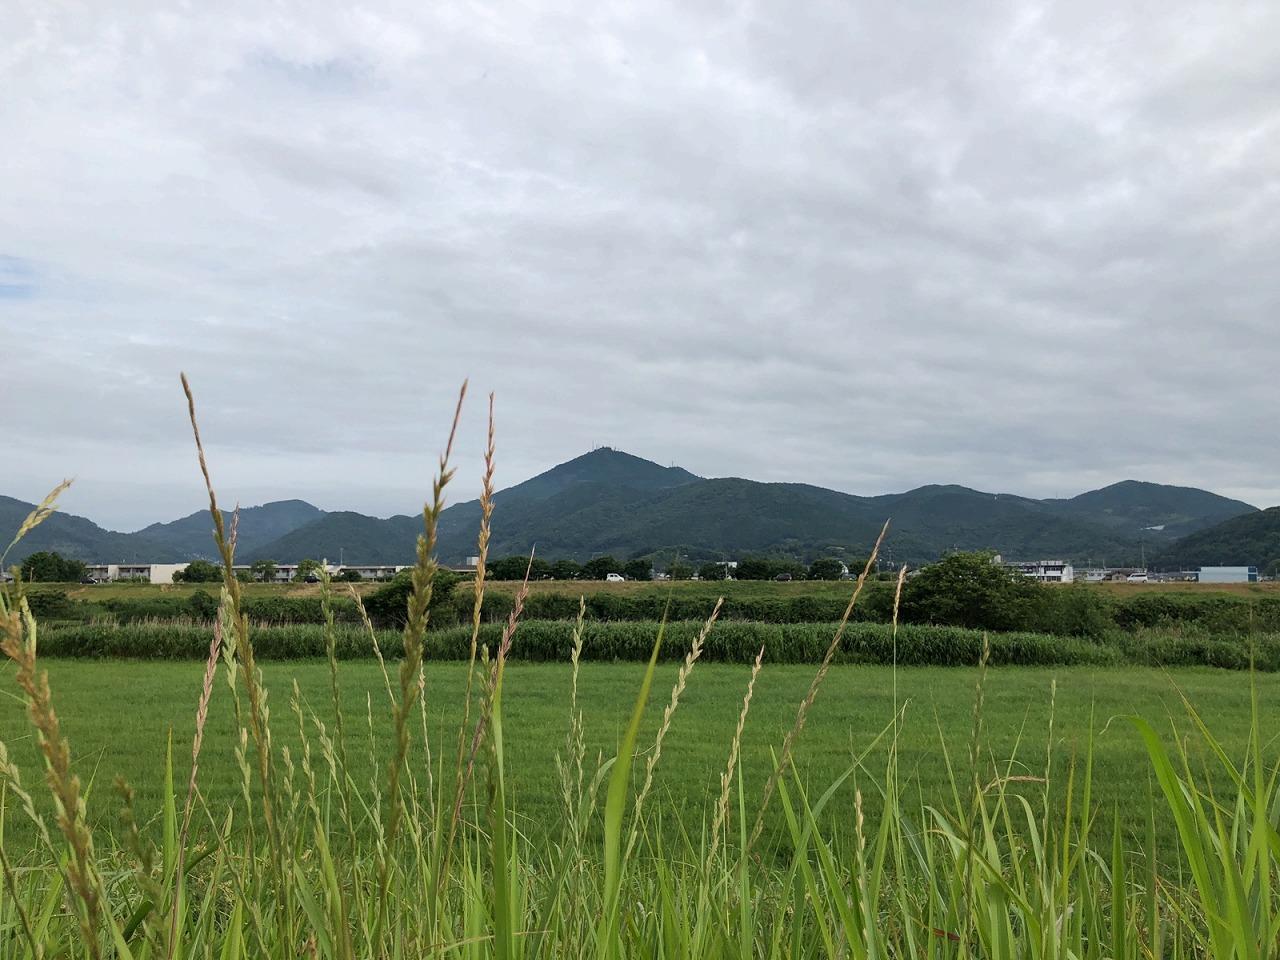 2018.5.29今朝の金峰山です。